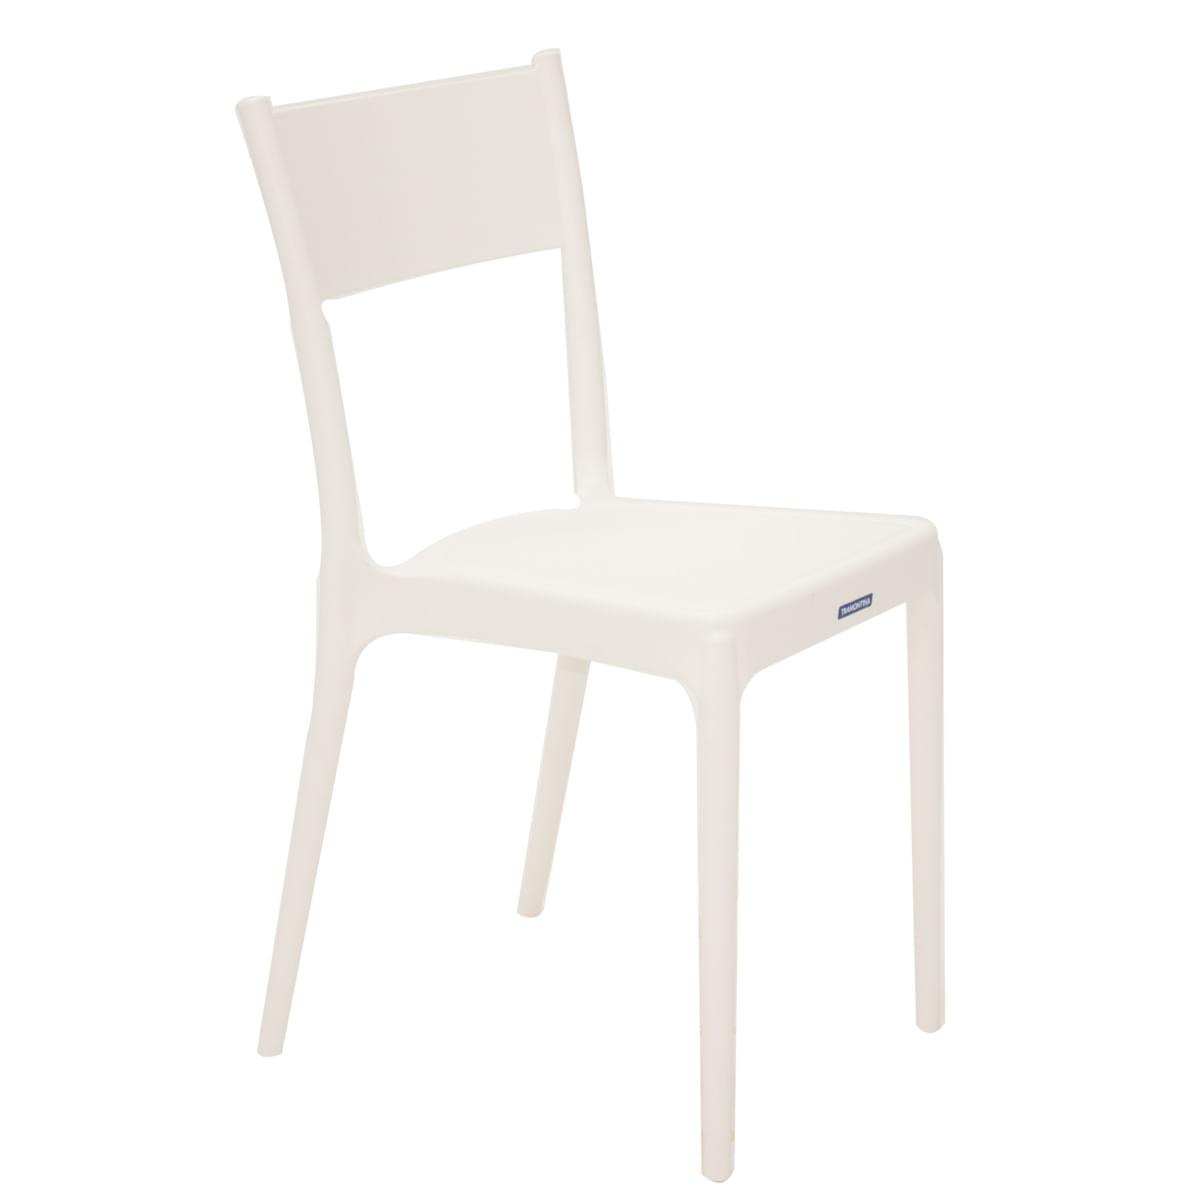 Cadeira Tramontina Diana Branca em Polipropileno e Fibra de Vidro